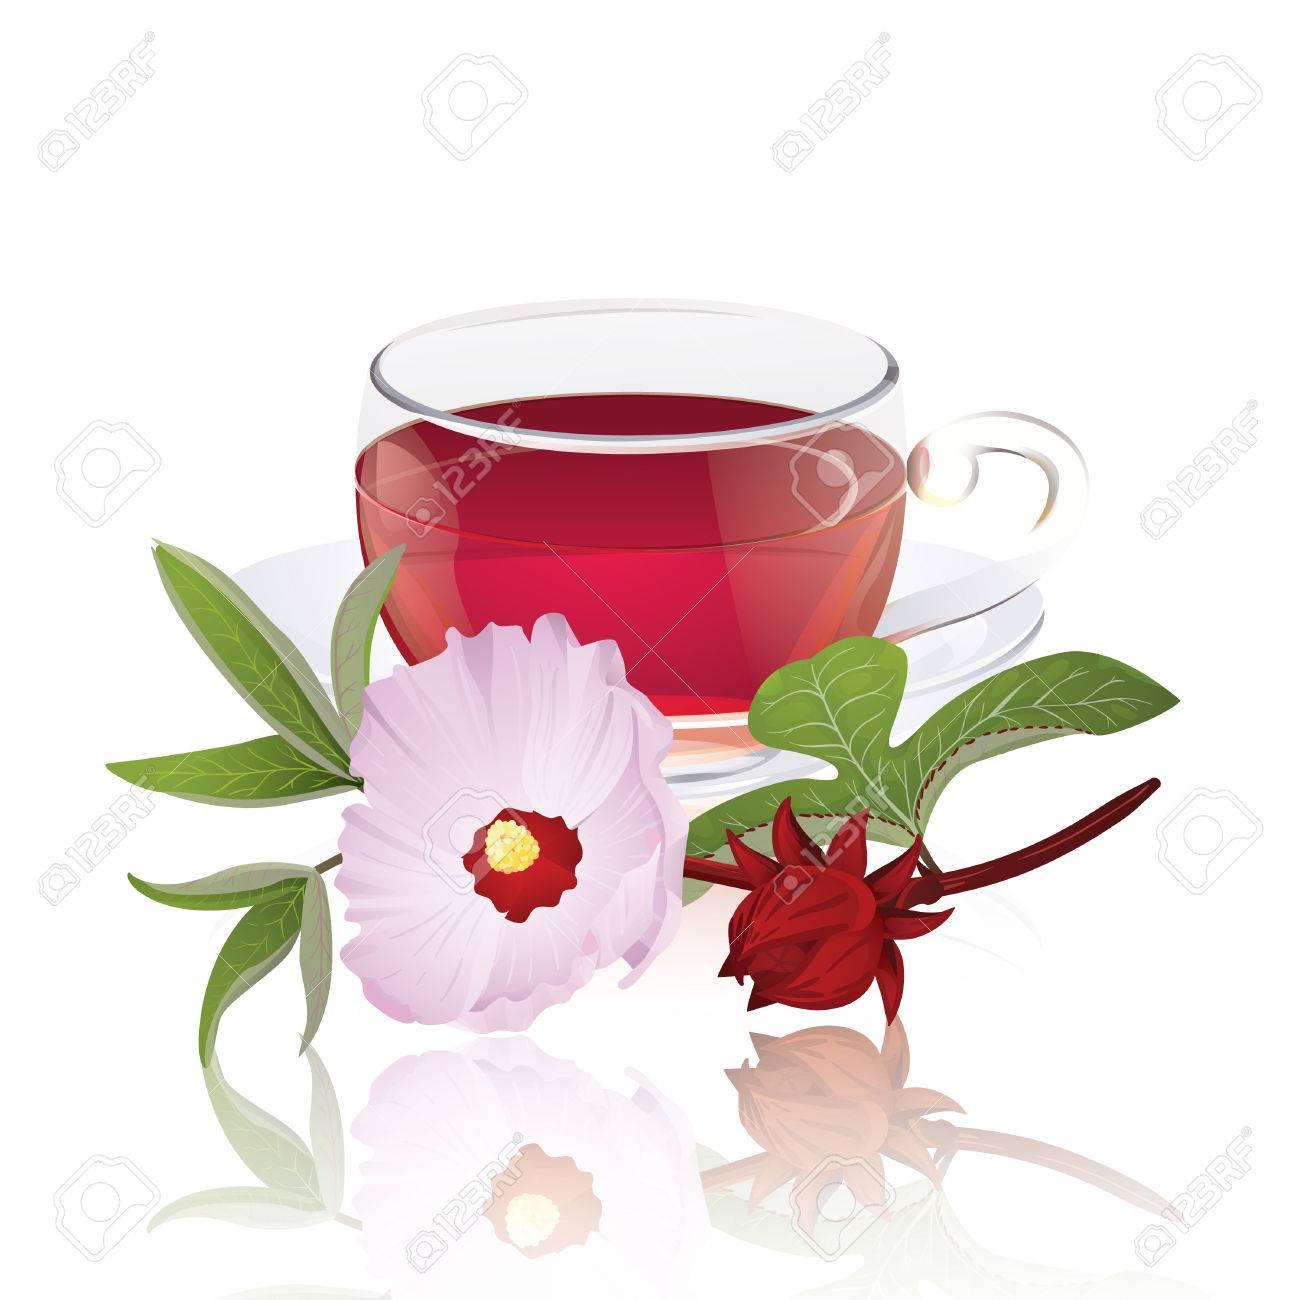 Karkade tea with hibiscus flower hibiscus sabdariffa royalty free karkade tea with hibiscus flower hibiscus sabdariffa stock vector 35818537 izmirmasajfo Gallery